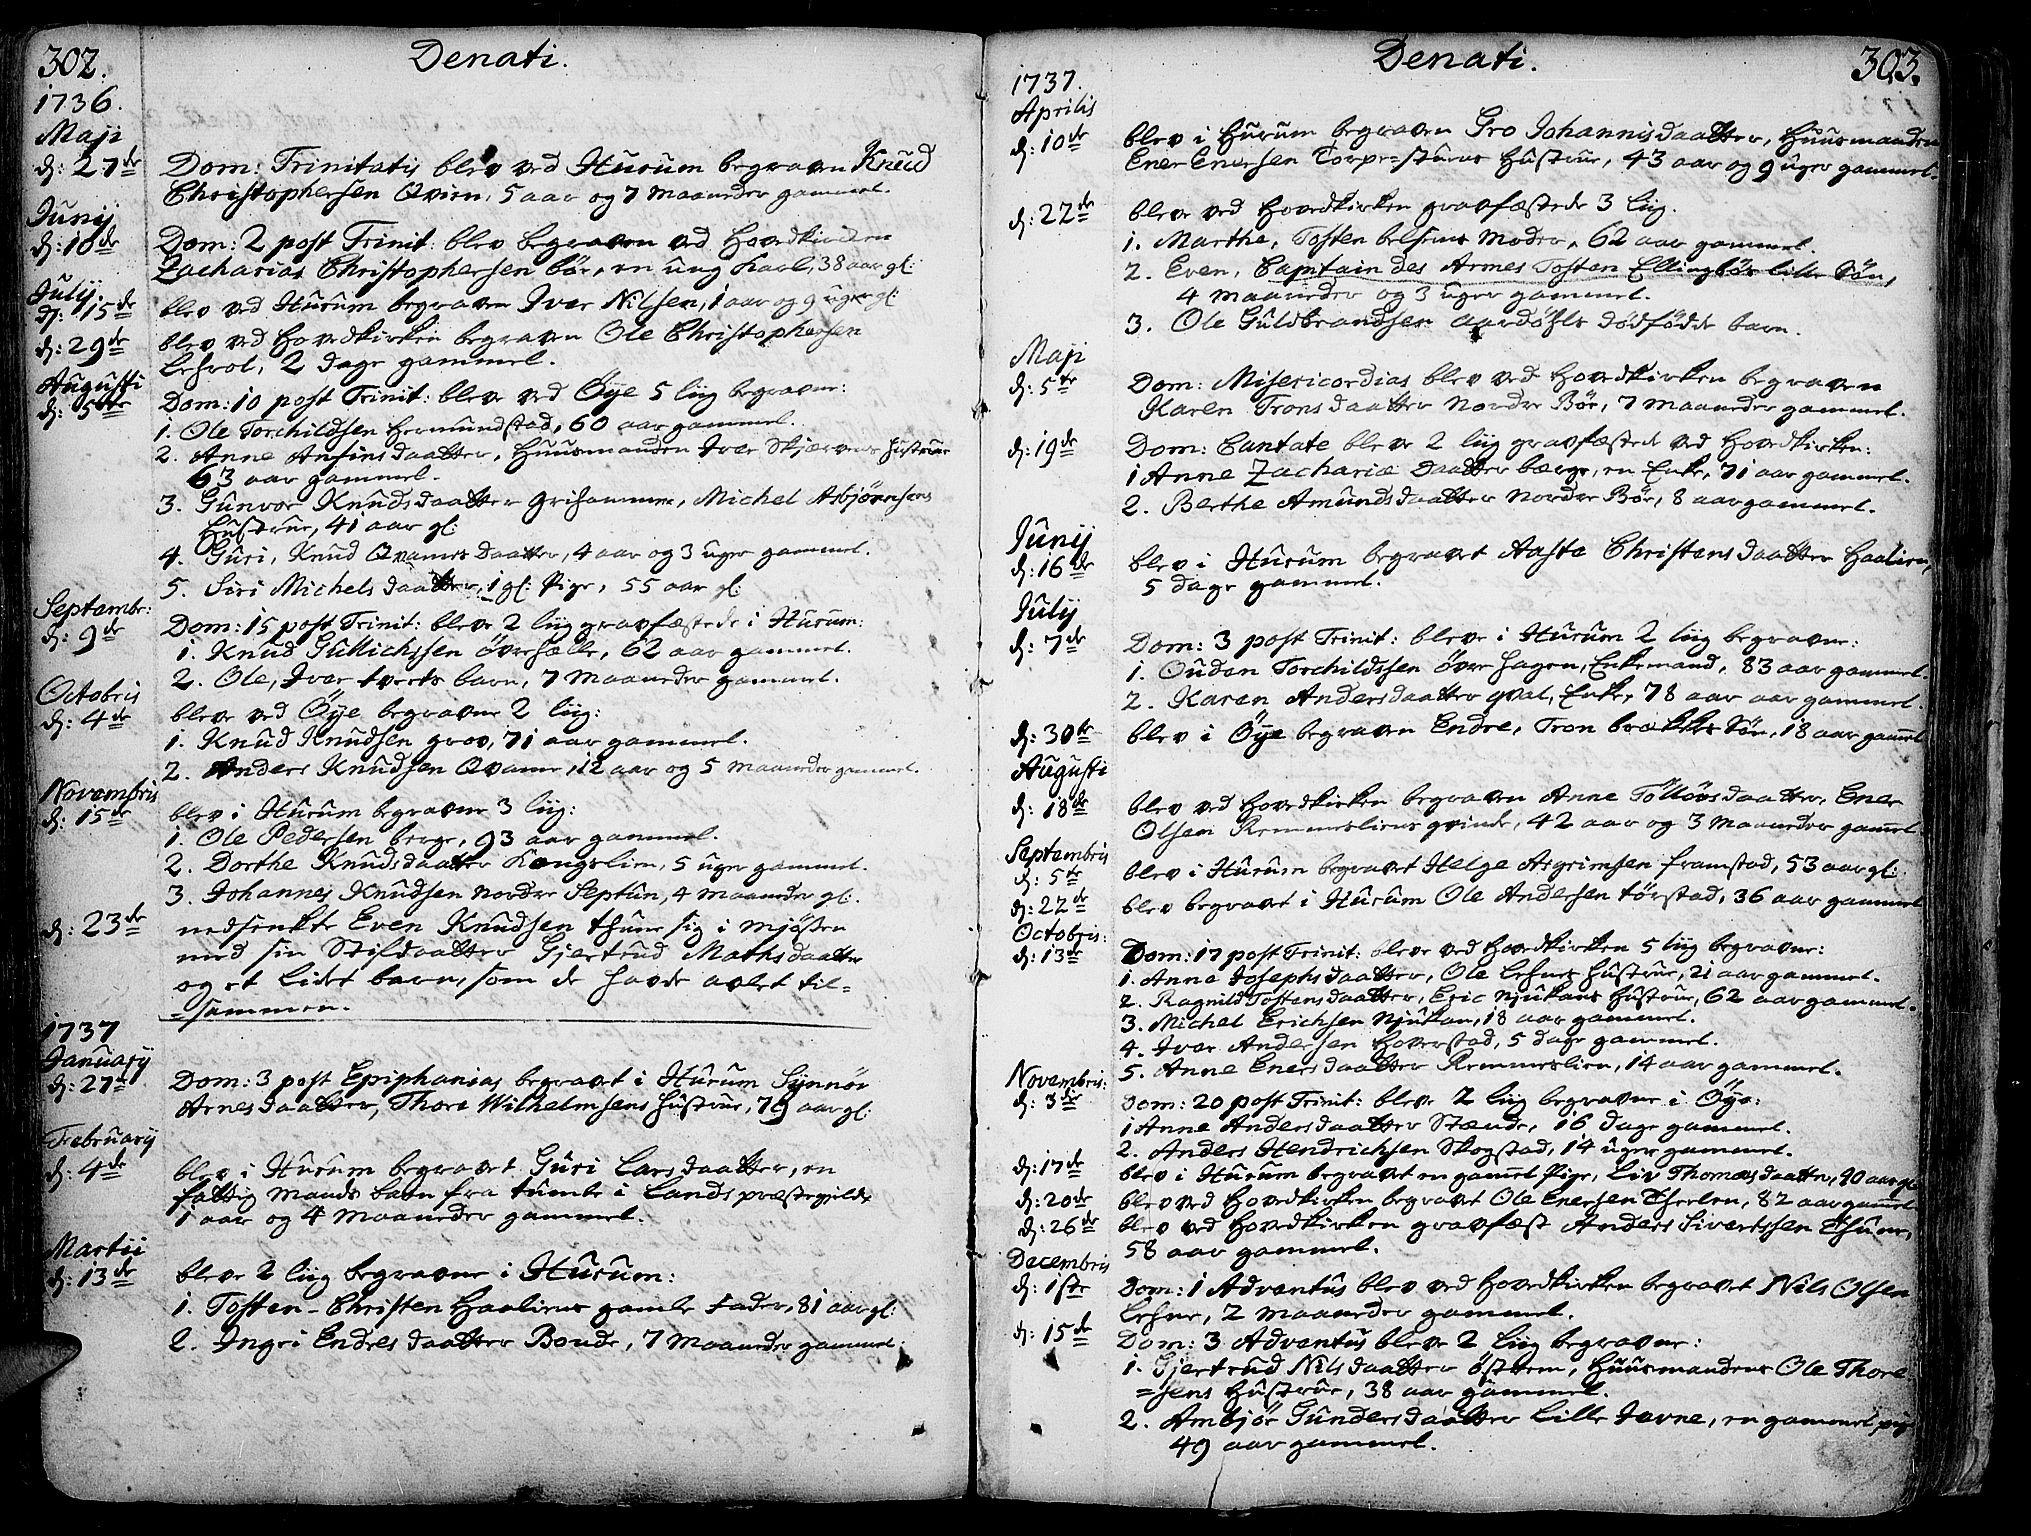 SAH, Vang prestekontor, Valdres, Ministerialbok nr. 1, 1730-1796, s. 302-303